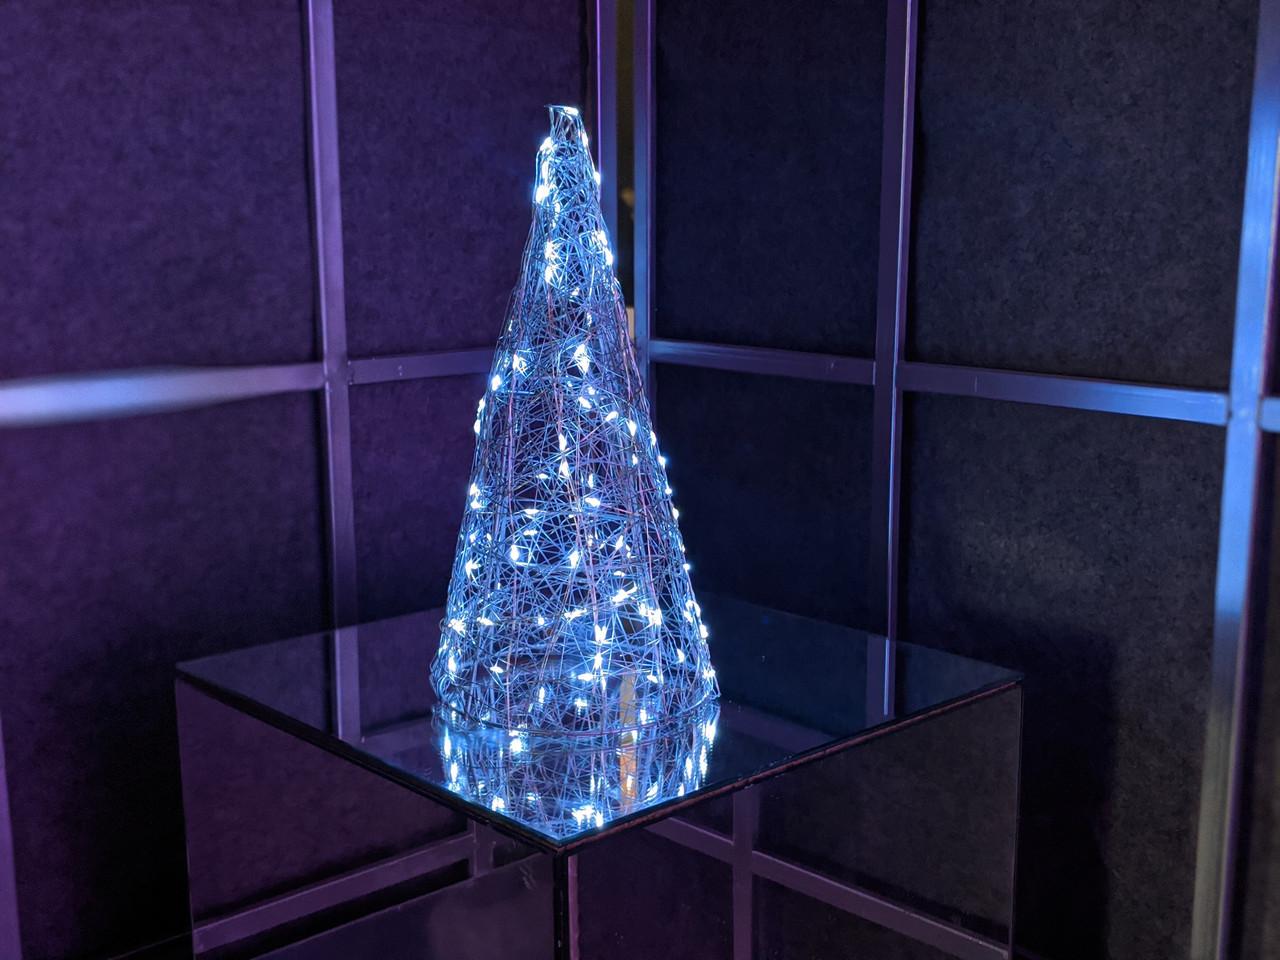 Елка металлическая с гирляндой, железная, лофт, loft, питание от сети 220ВТ, 100 LED, 38 см., настольная.